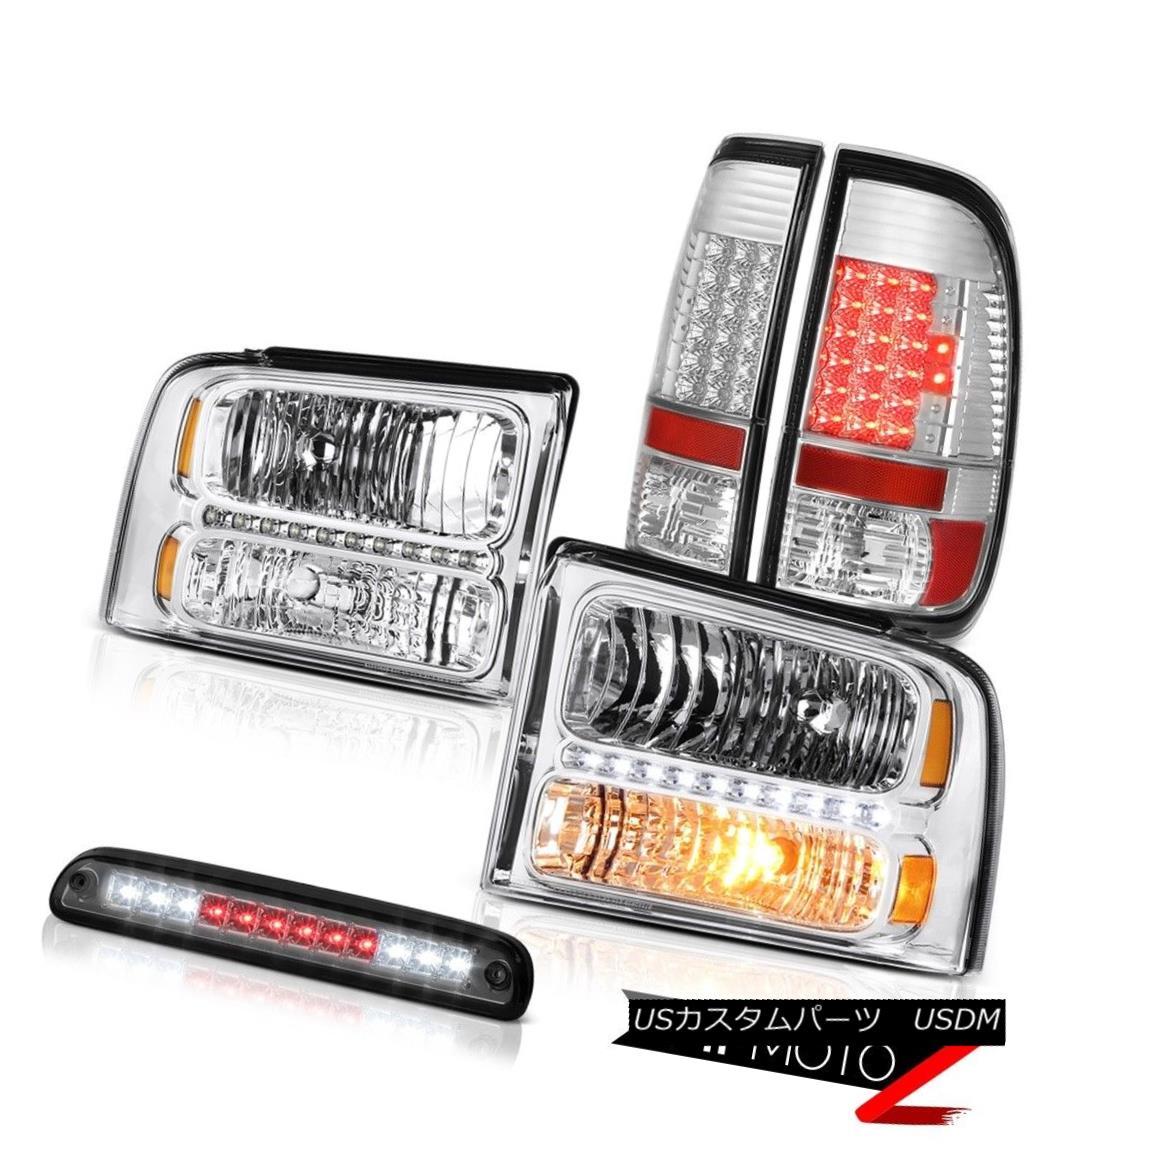 ヘッドライト 2005 2006 2007 F250 6.0L Clear Headlamps Chrome LED Taillights High Brake Cargo 2005 2006 2007 F250 6.0LクリアヘッドランプクロームLED灯台ハイブレーキ貨物